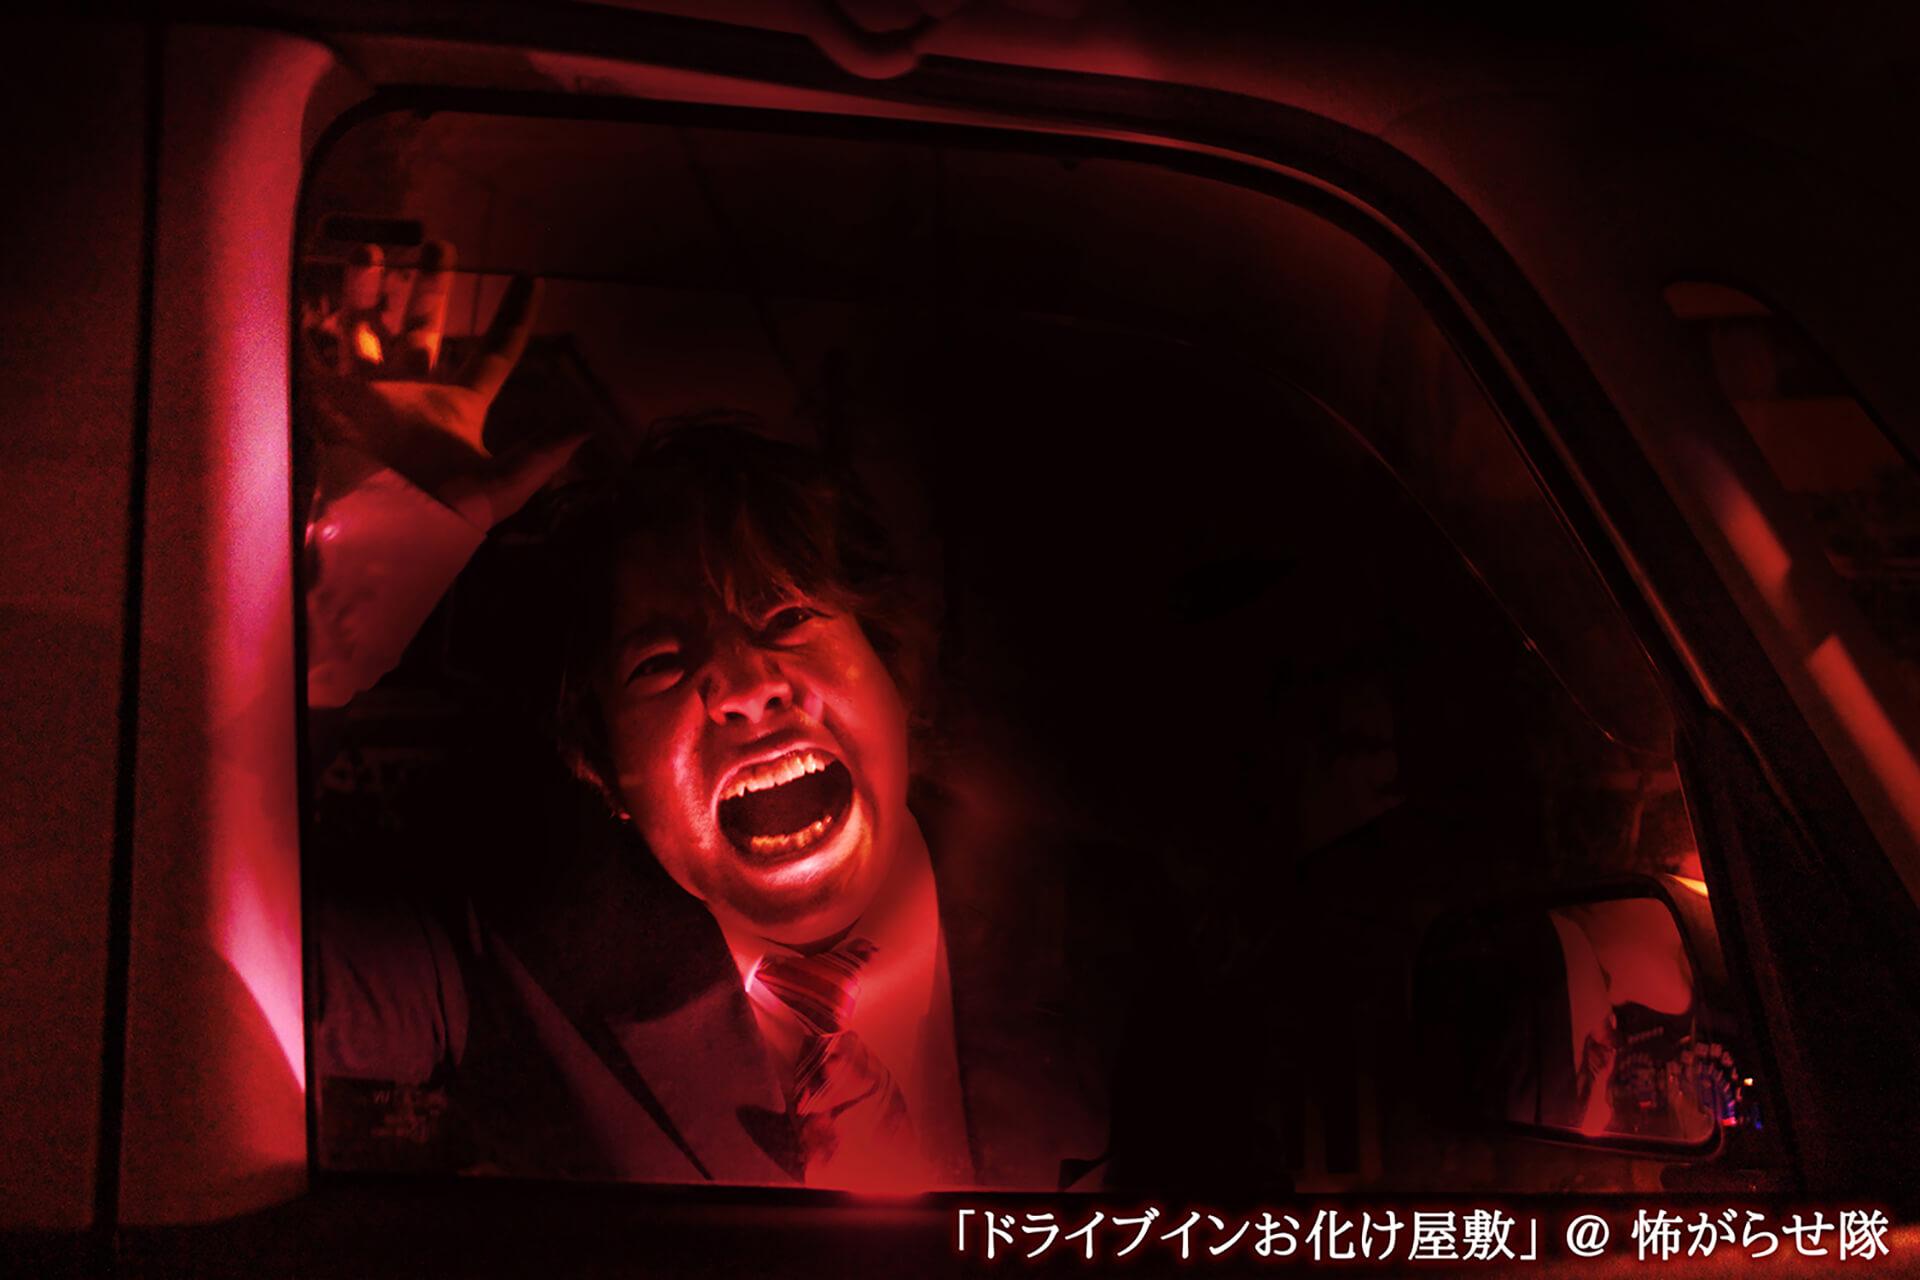 『ドライブインお化け屋敷』東京タワー